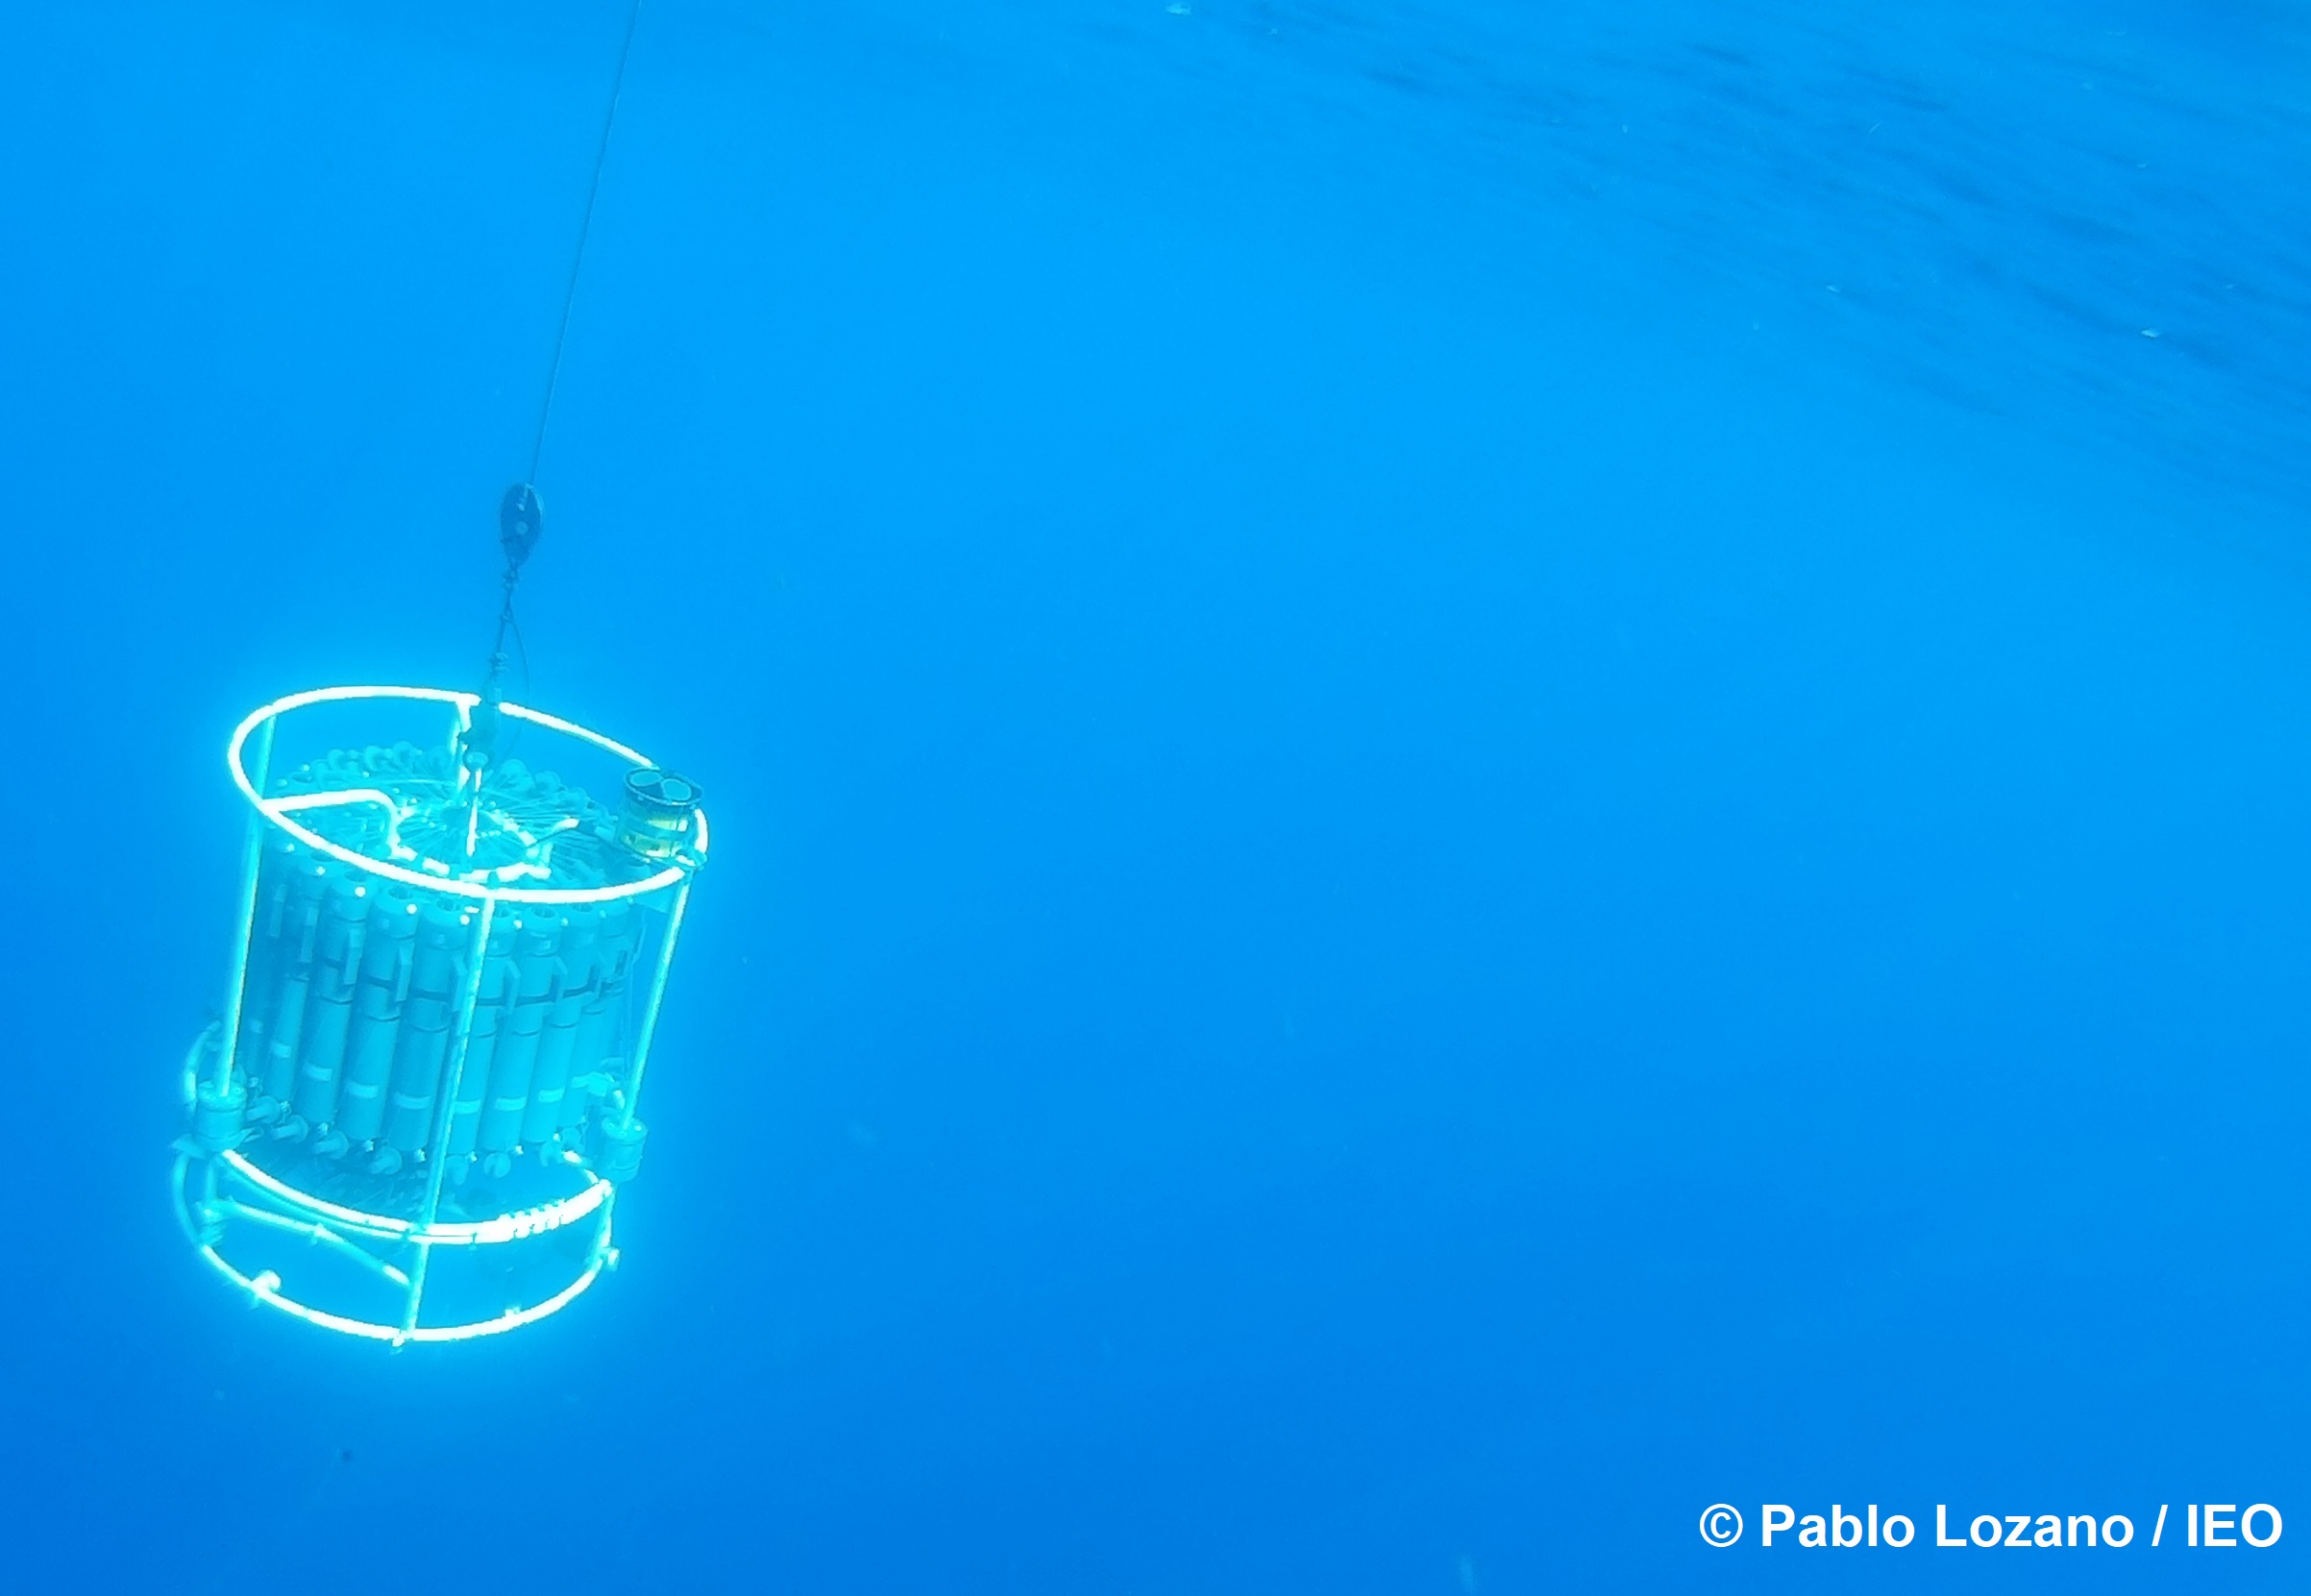 Roseta oceanográfica durante el muestreo en una de las estaciones. Imagen: Pablo Lozano / IEO